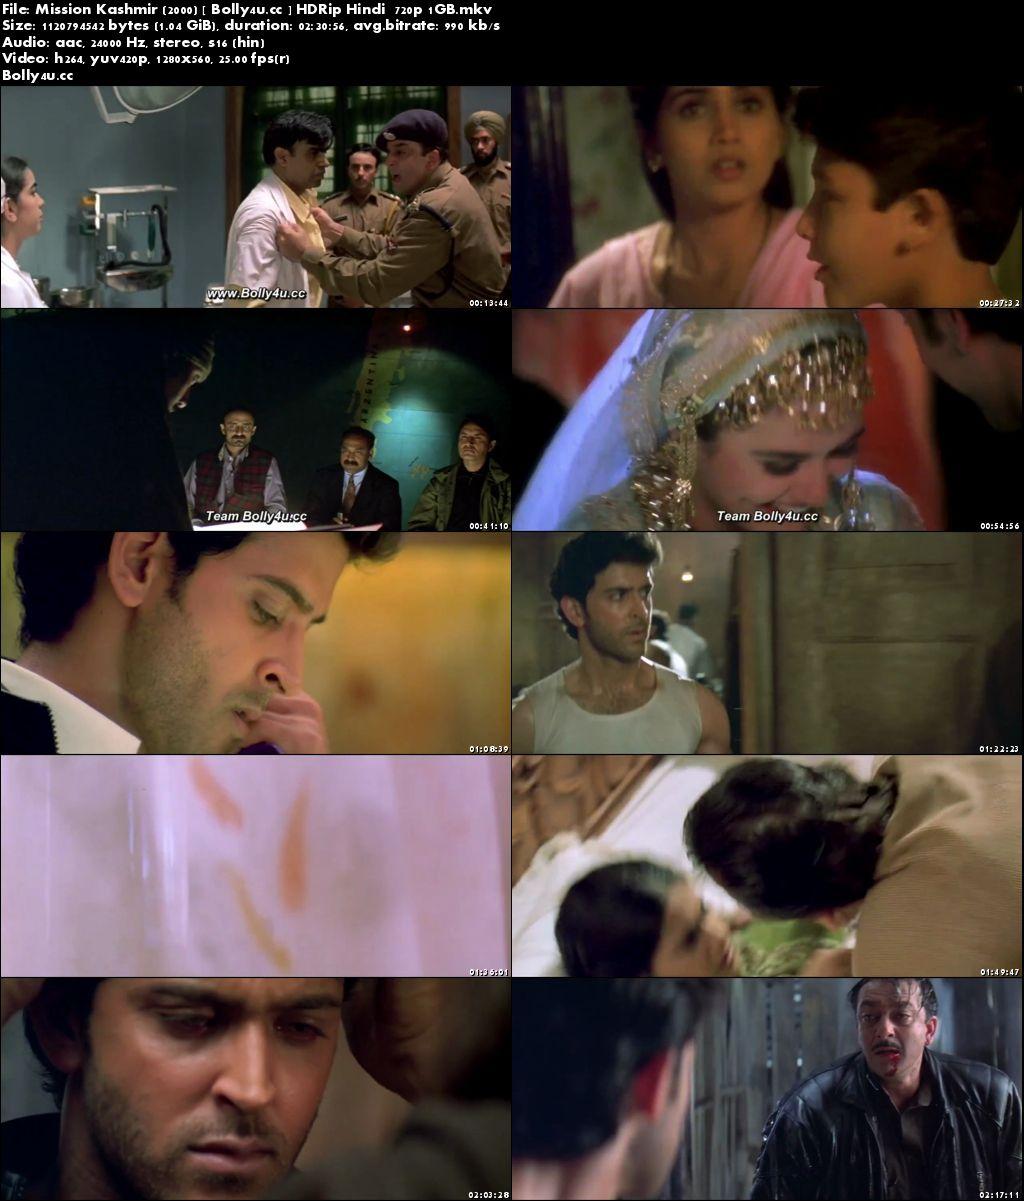 Mission Kashmir 2000 HDRip 400Mb Full Hindi Movie Download 480p